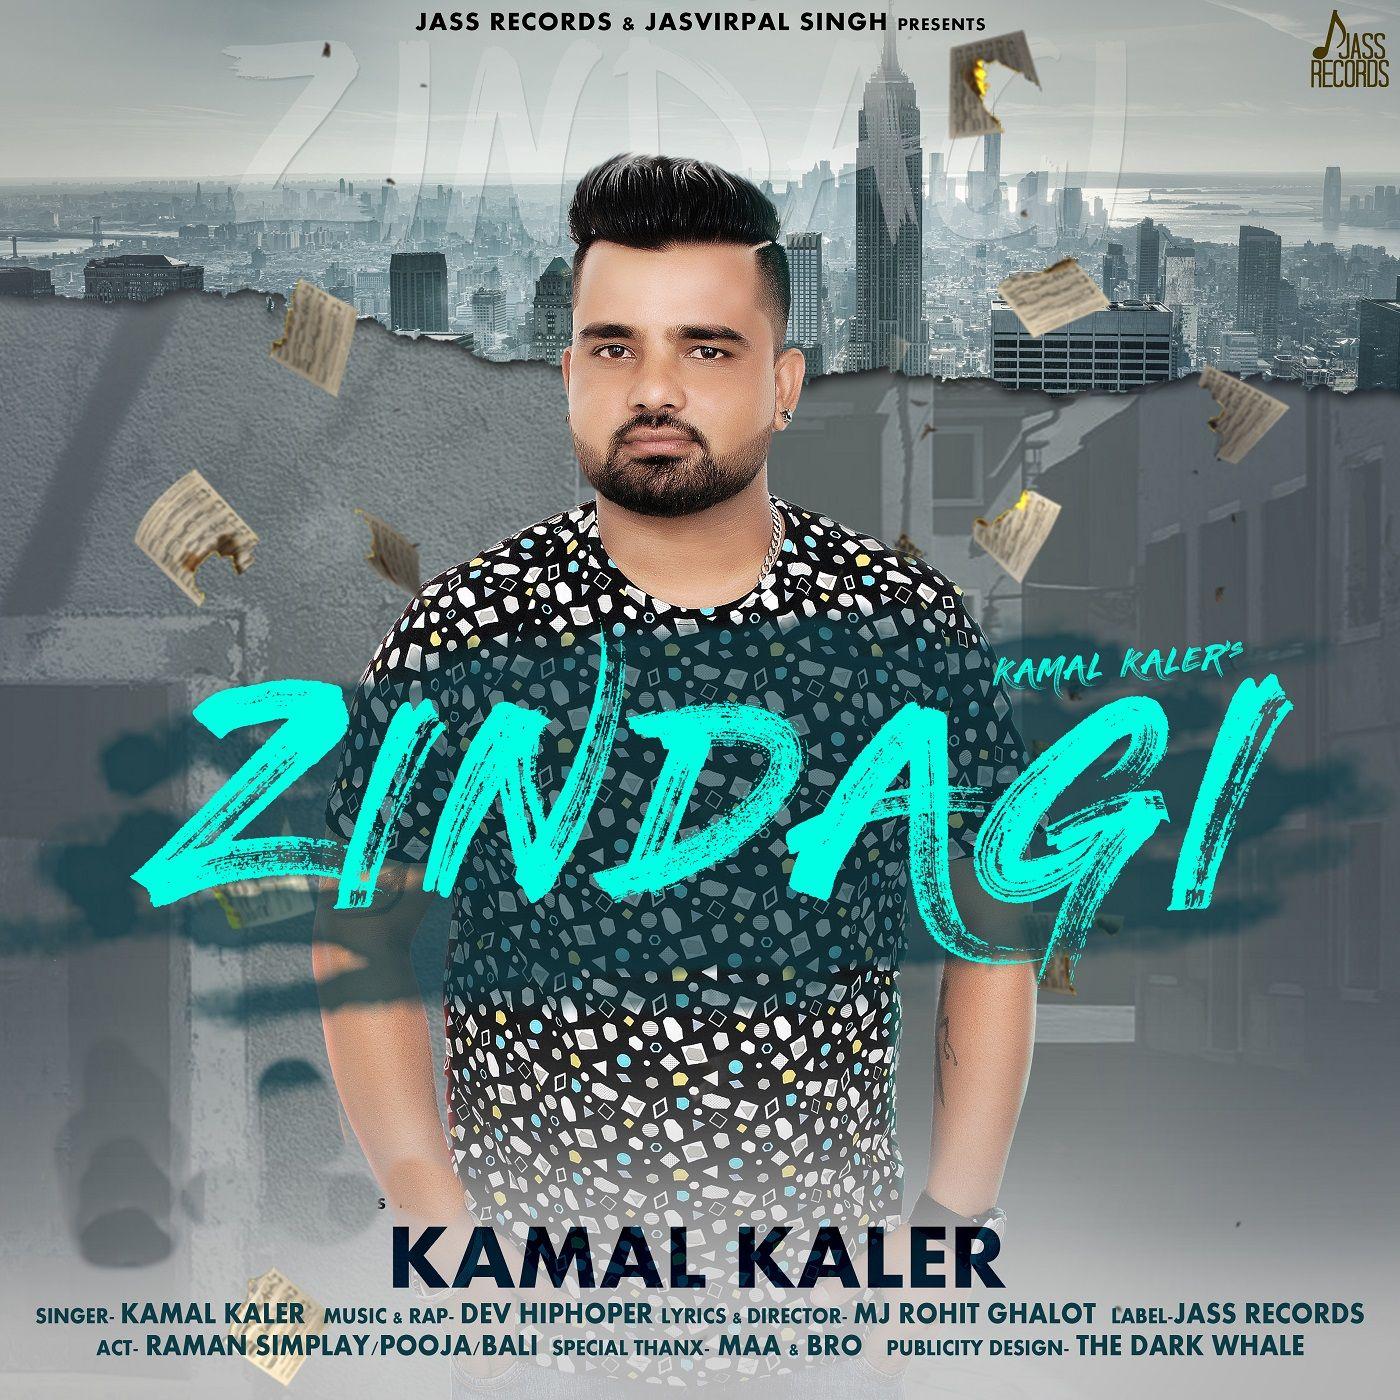 Zindagi By Kamal Kaler Download Mp3 Download Free Music Music Download Latest Music